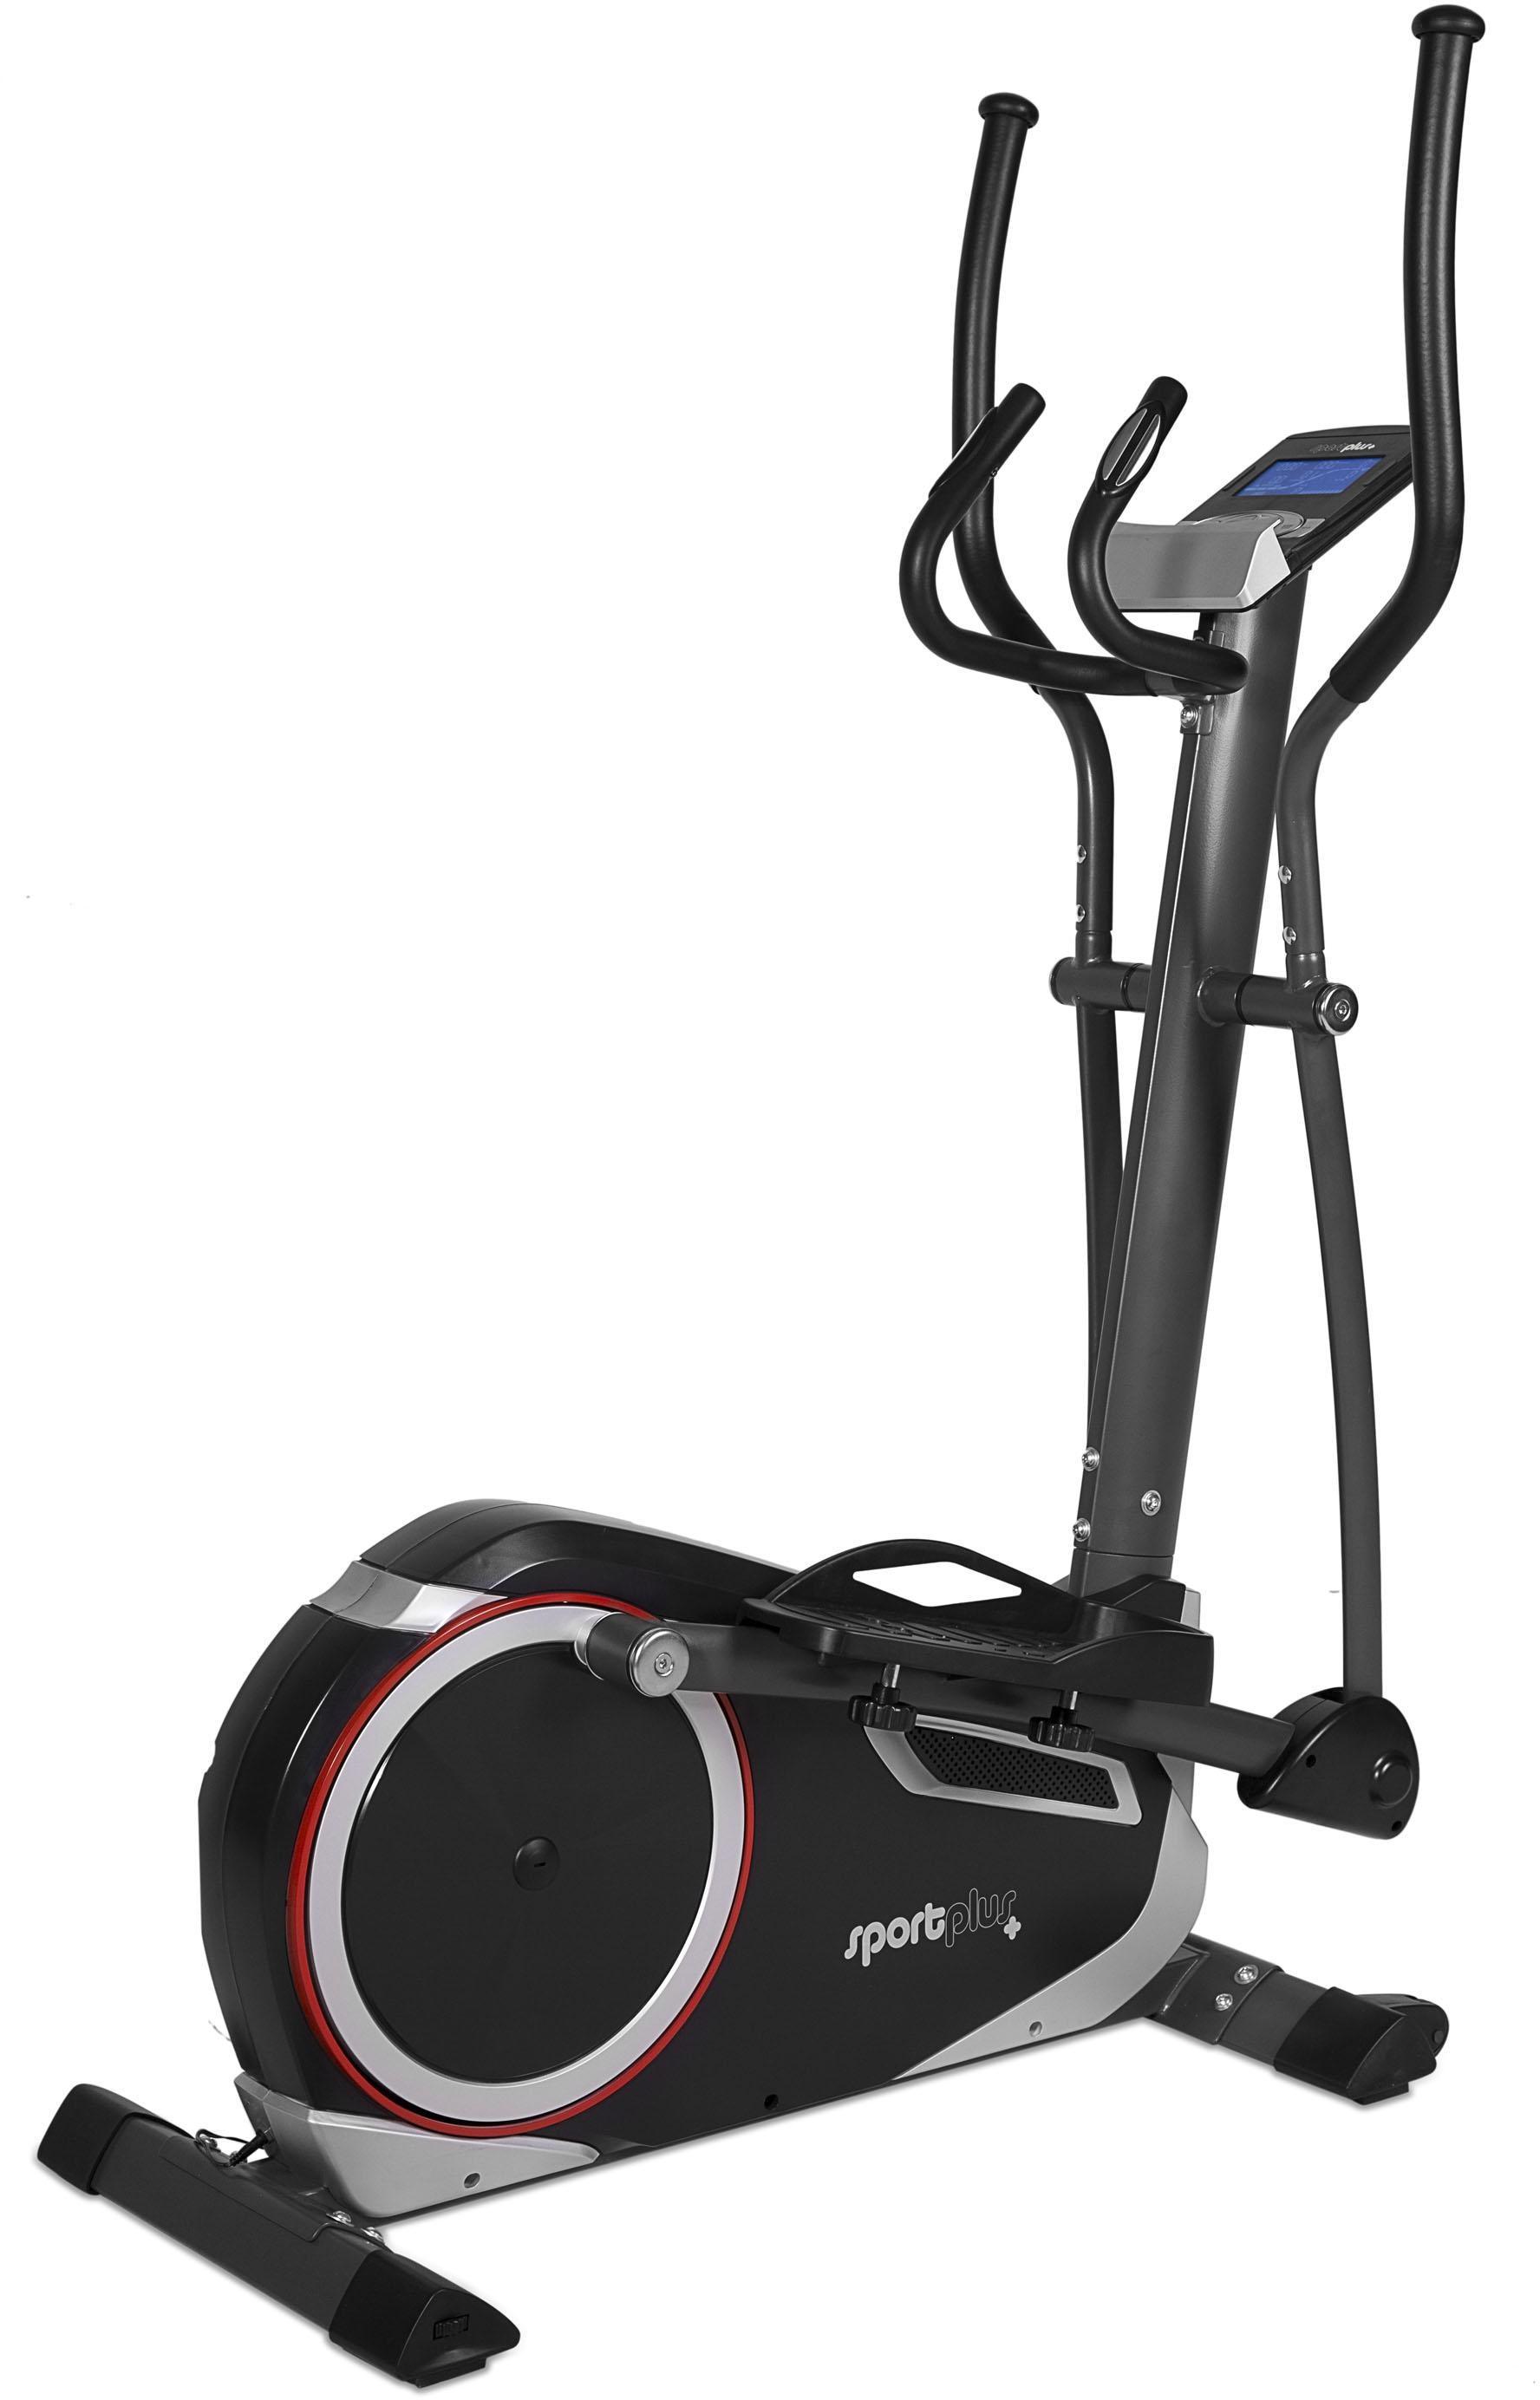 SportPlus Crosstrainer-Ergometer SP-ET-9600-iE Preisvergleich